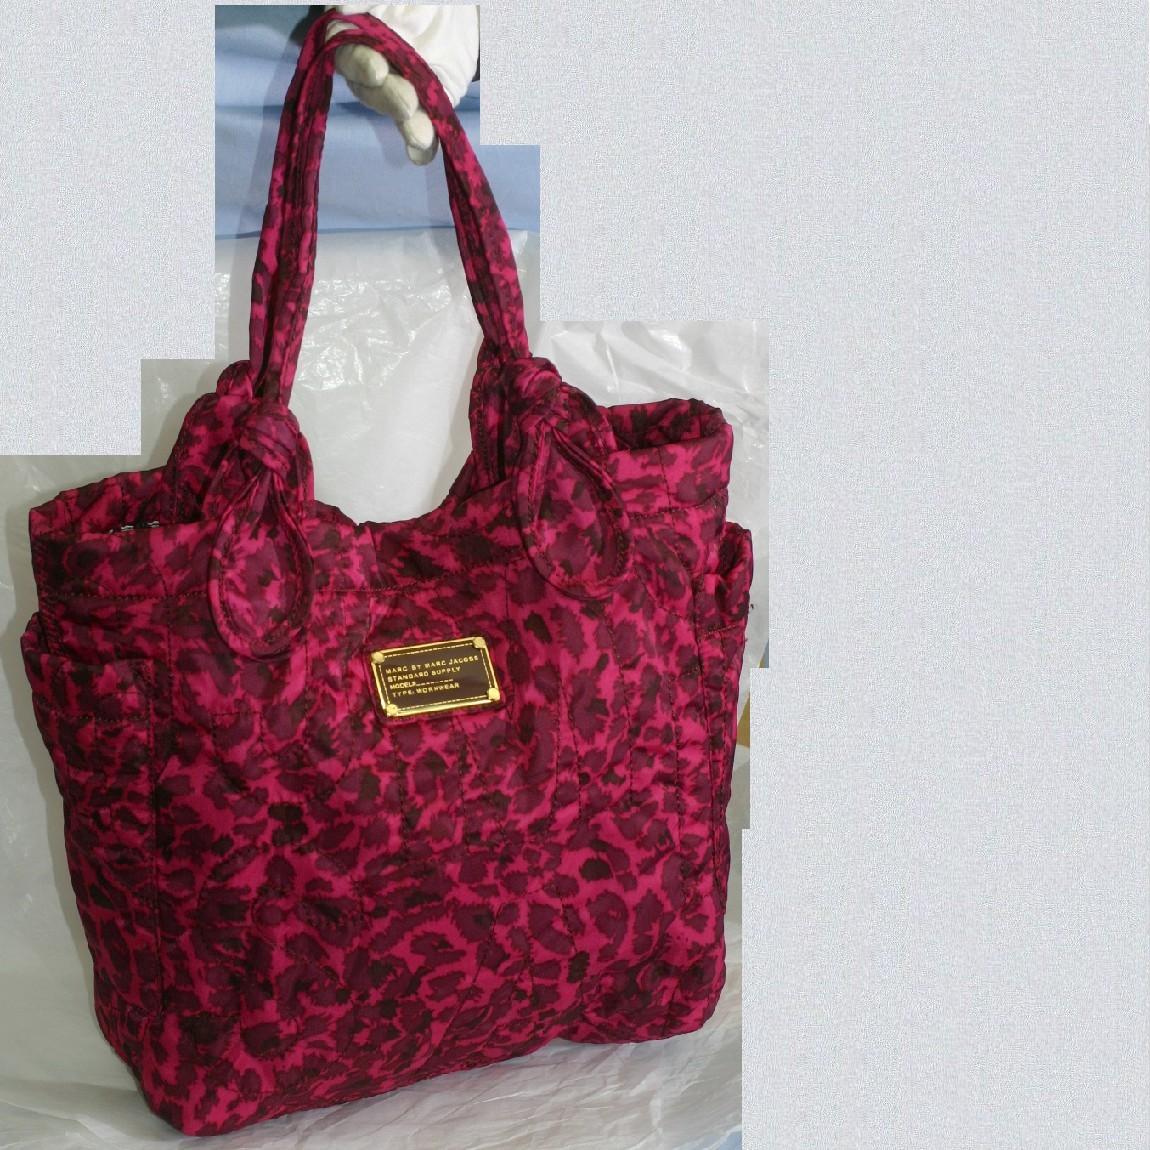 【中古】本物ほぼ新品マークジェイコブス女性用ピンク色地に豹柄「レオパルド」トートバッグ サイズ上W35下W27H32,5D10,5cm